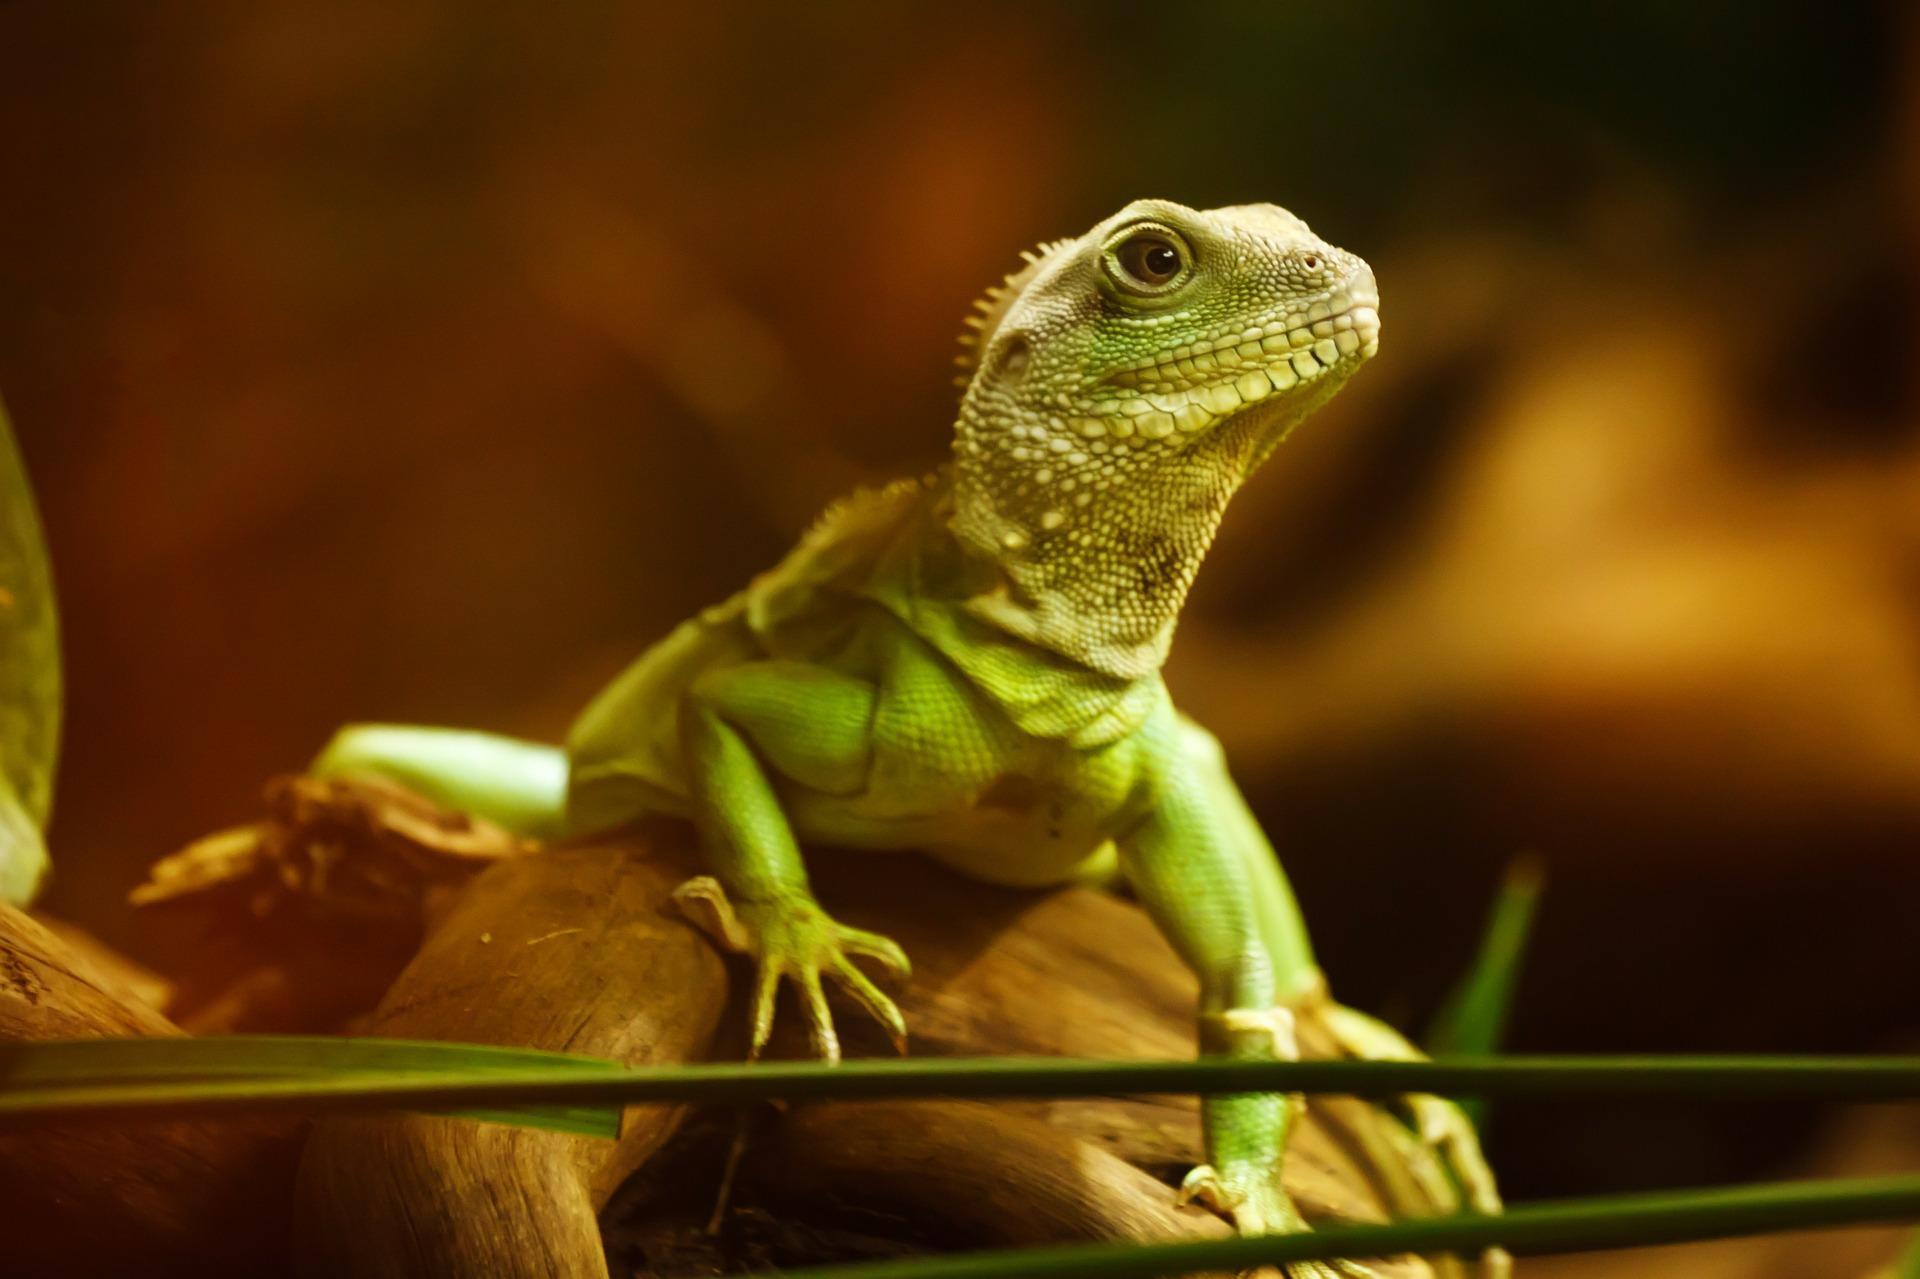 lizard-22258_1920